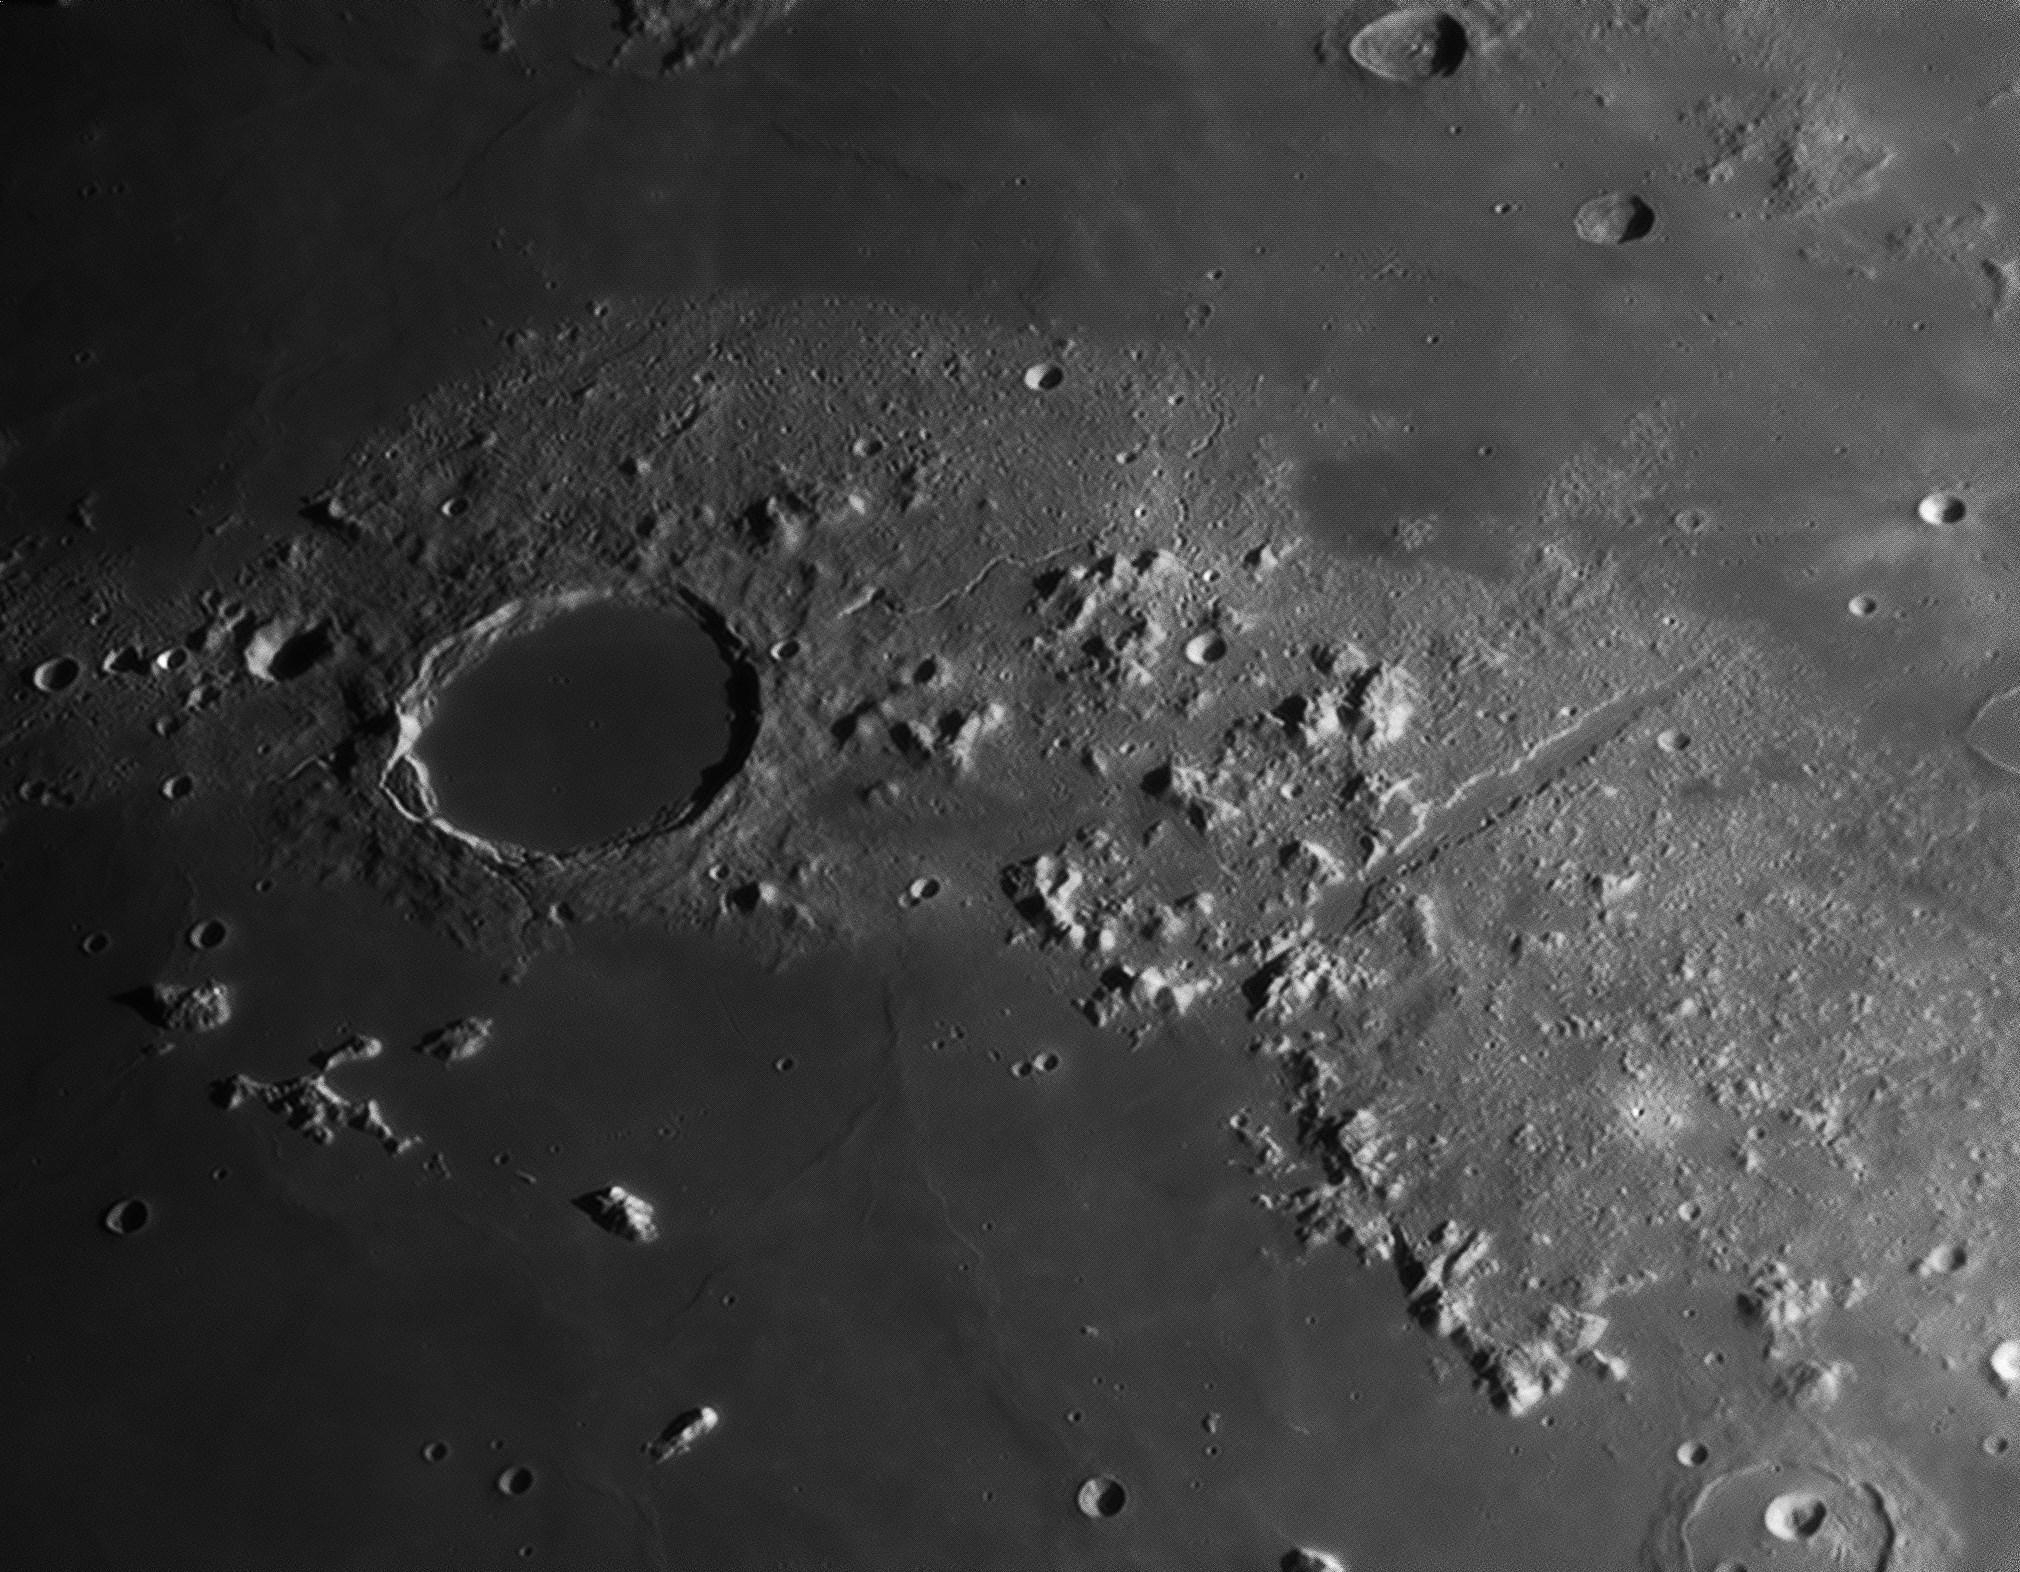 фото луны через телескоп такое